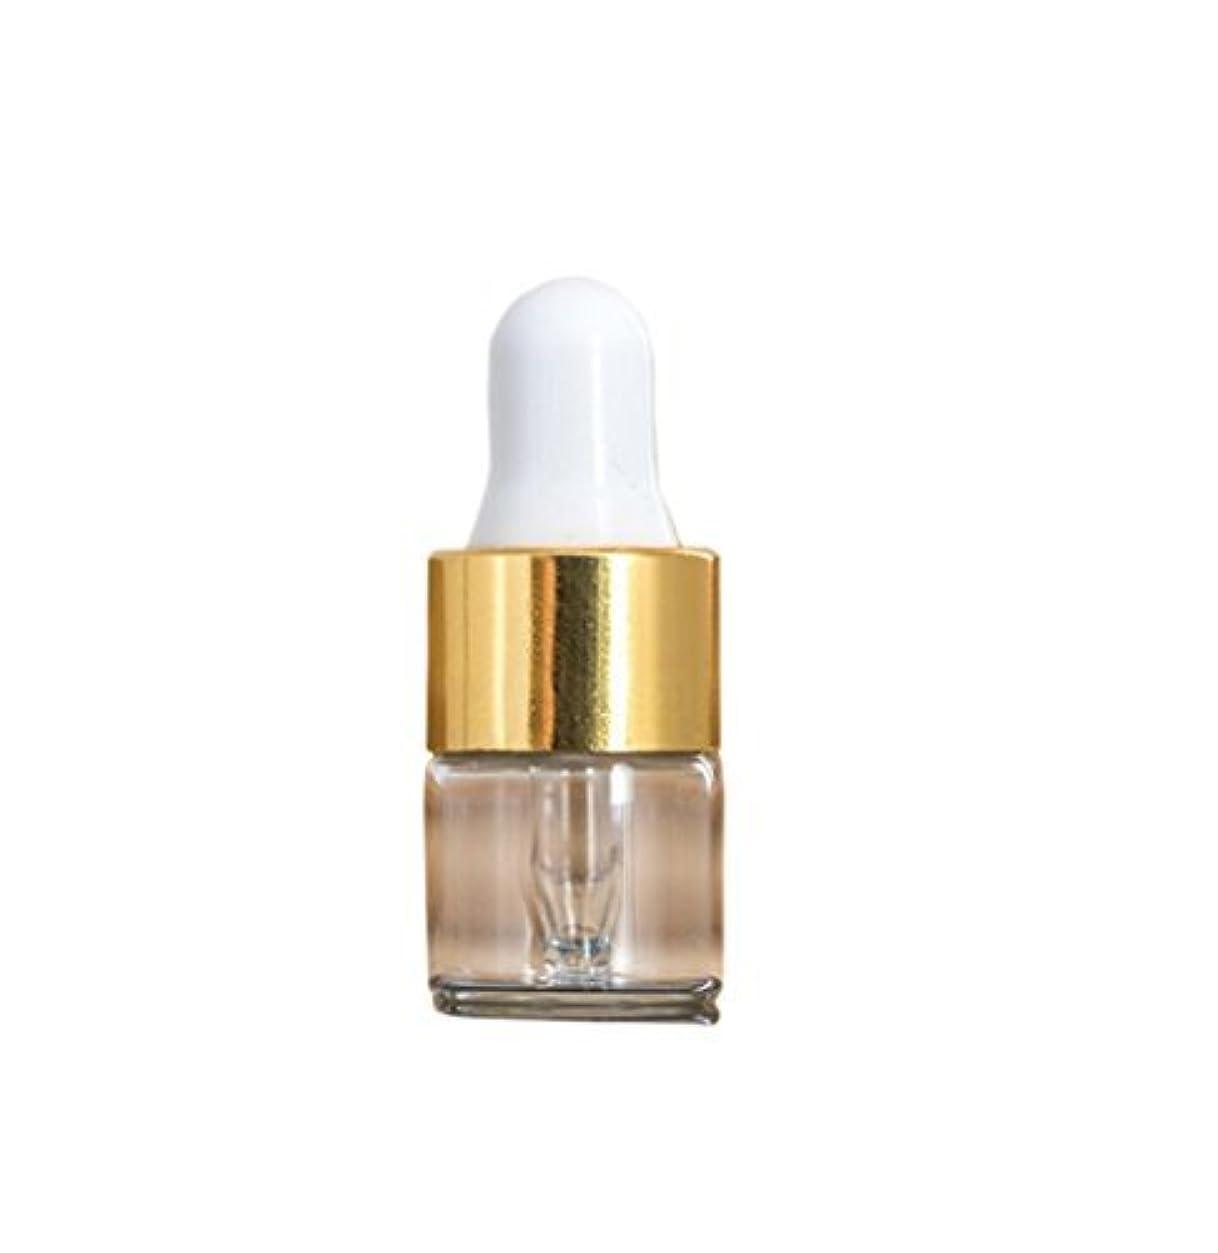 火星幻滅するエキサイティングClear Glass Mini 1ml 15 Pcs Refillable Essential Oil Dropper Bottles Containers Cosmetic Sample Bottles Aromatherapy...